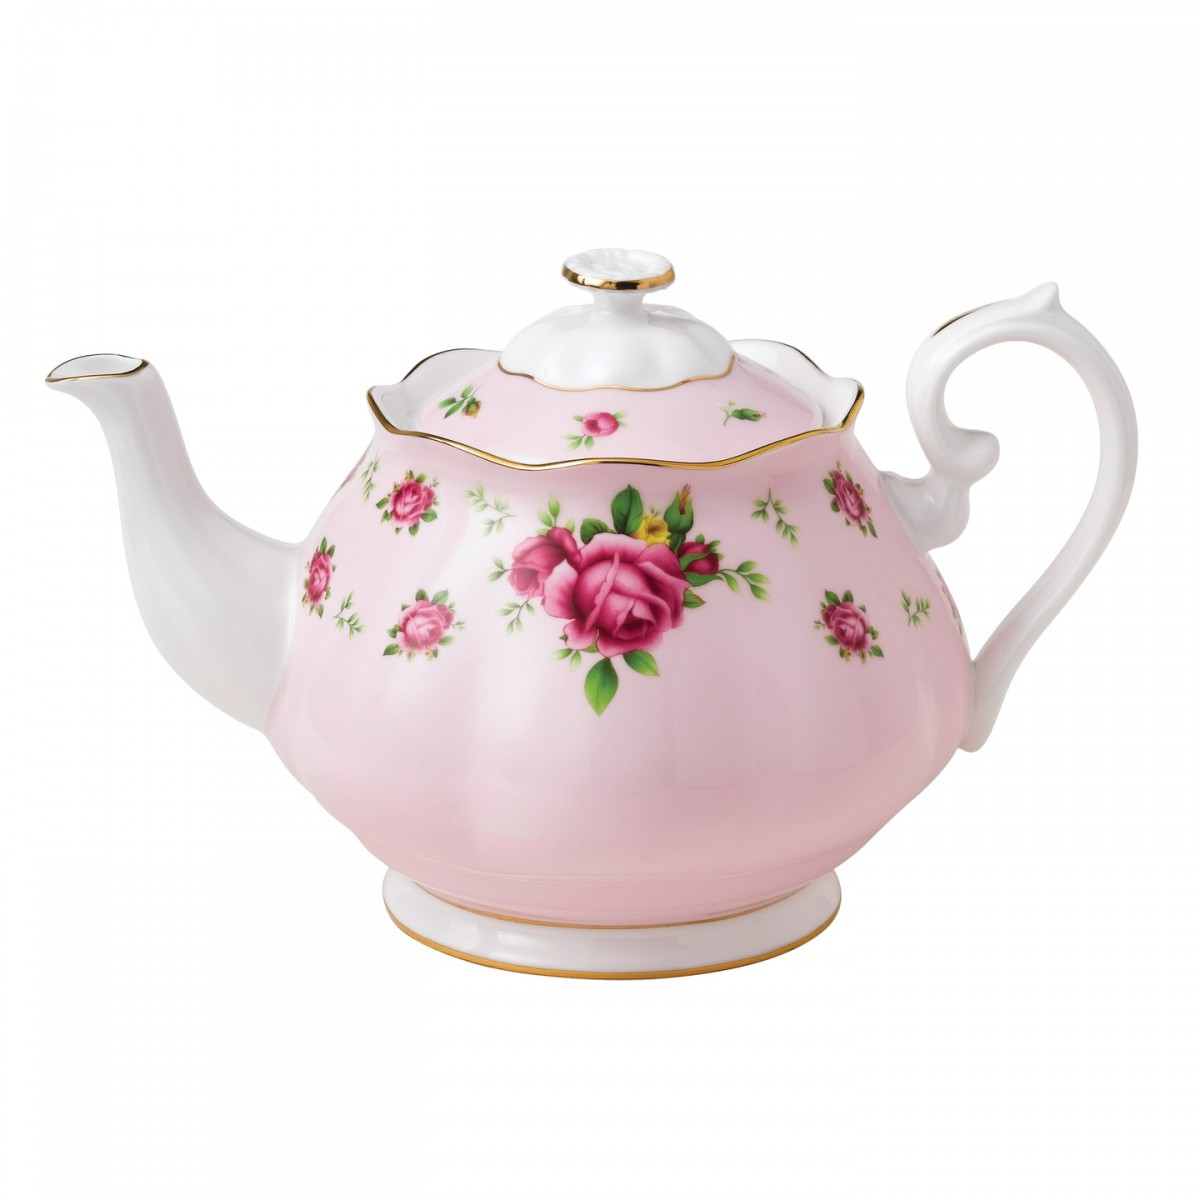 Pink Vintage Teapot Clipart - Clipart Suggest